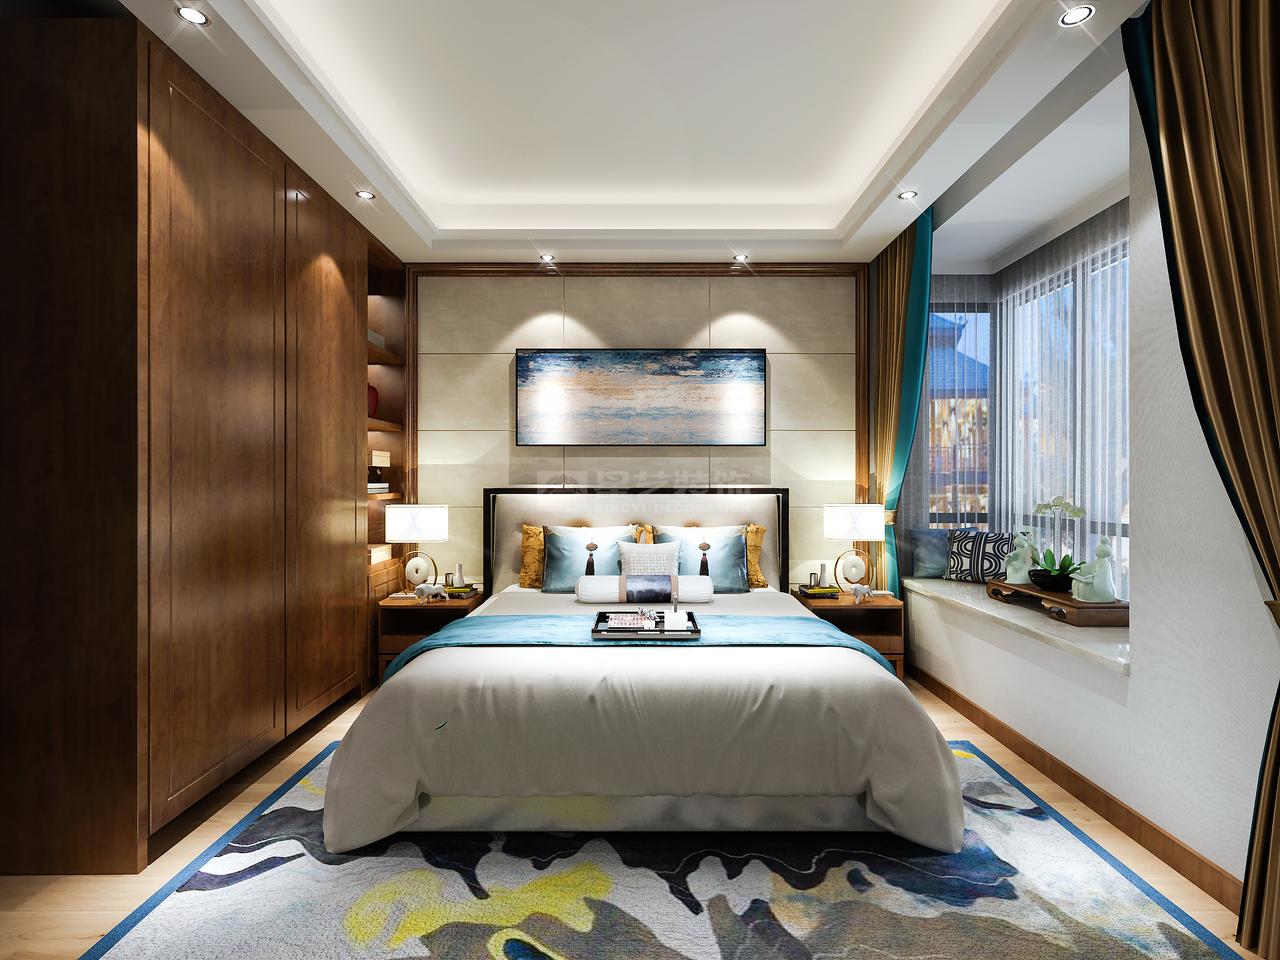 整体以素色铺陈,简单大方,水蓝色与湖蓝色,深浅变化,简洁的同时保证空间的层次感。无主灯设计,光线柔和,营造适合休息的氛围。飘窗的设计,独立优雅,打造端庄典雅的卧室空间。